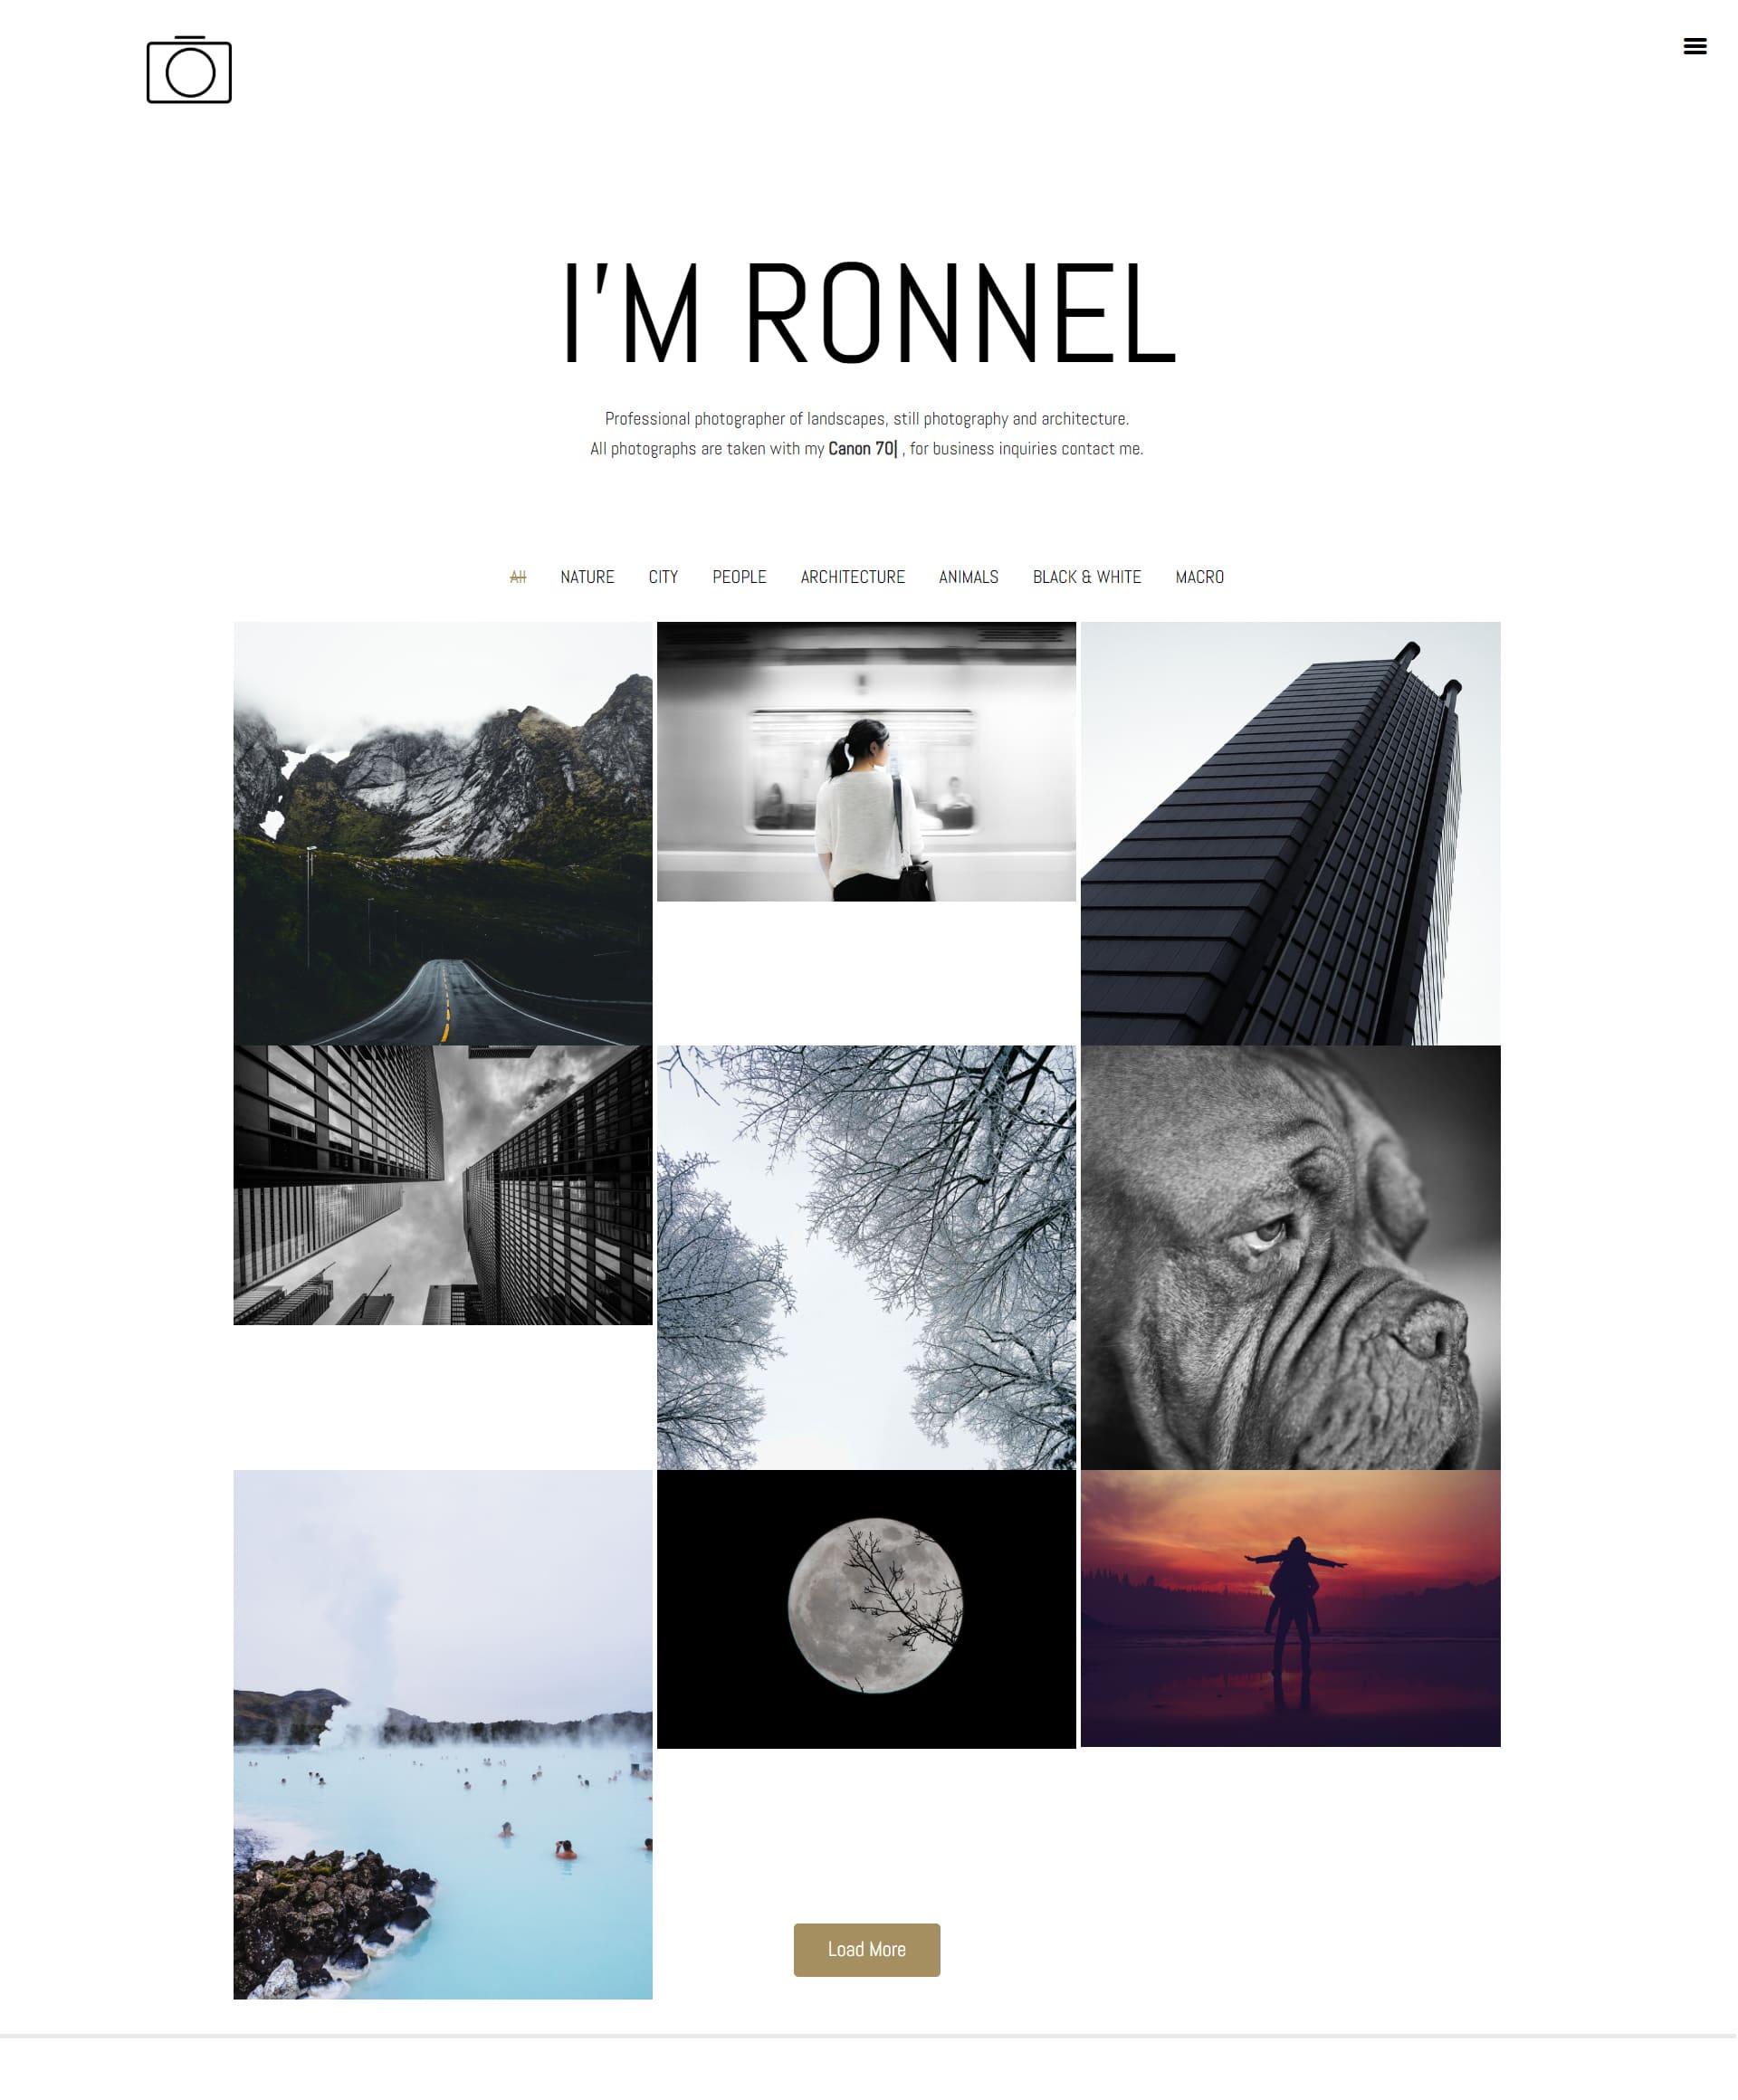 Profile-min